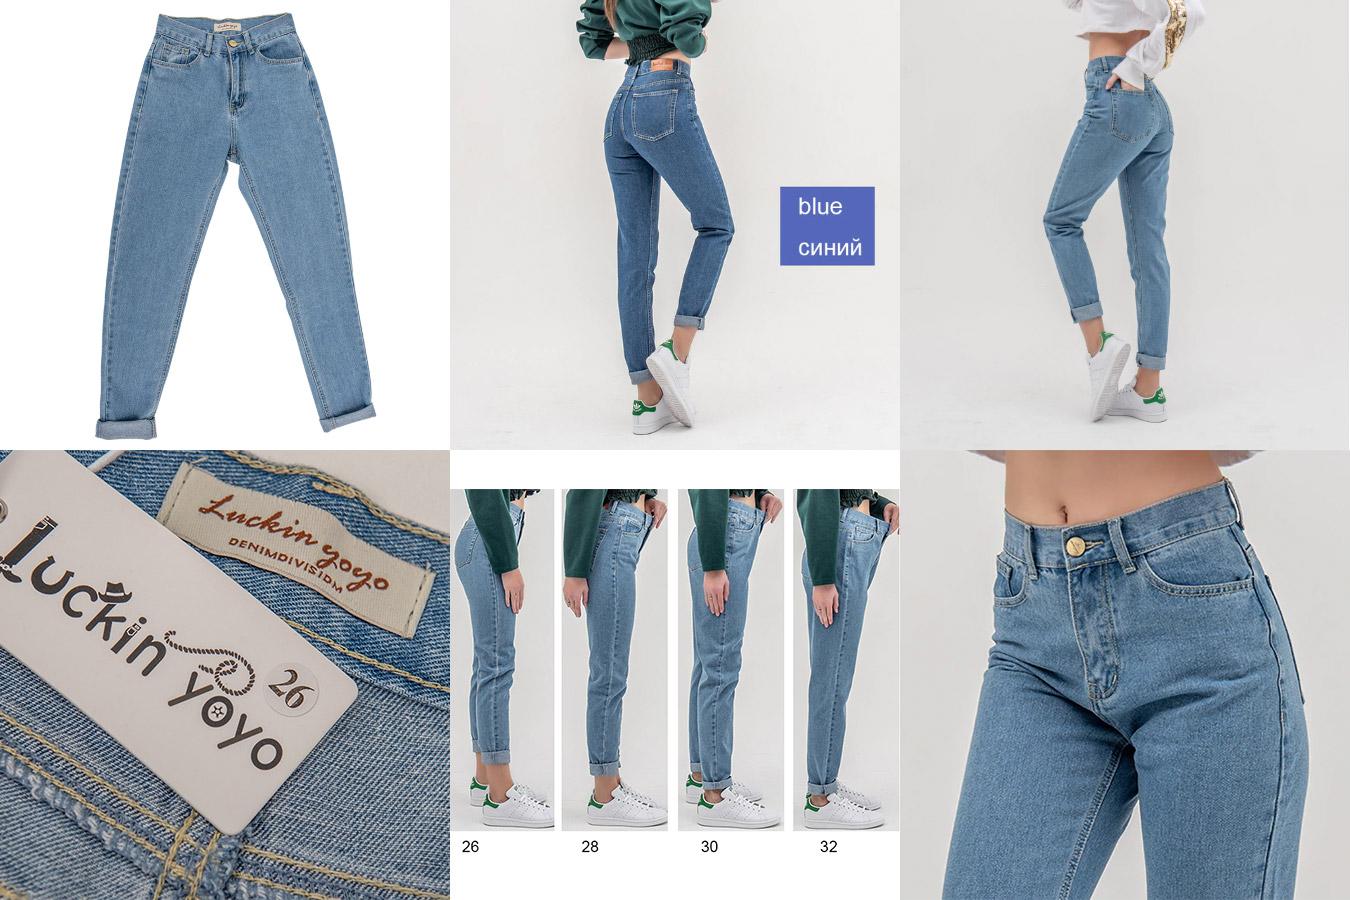 Момсы или джинсы бойфренда